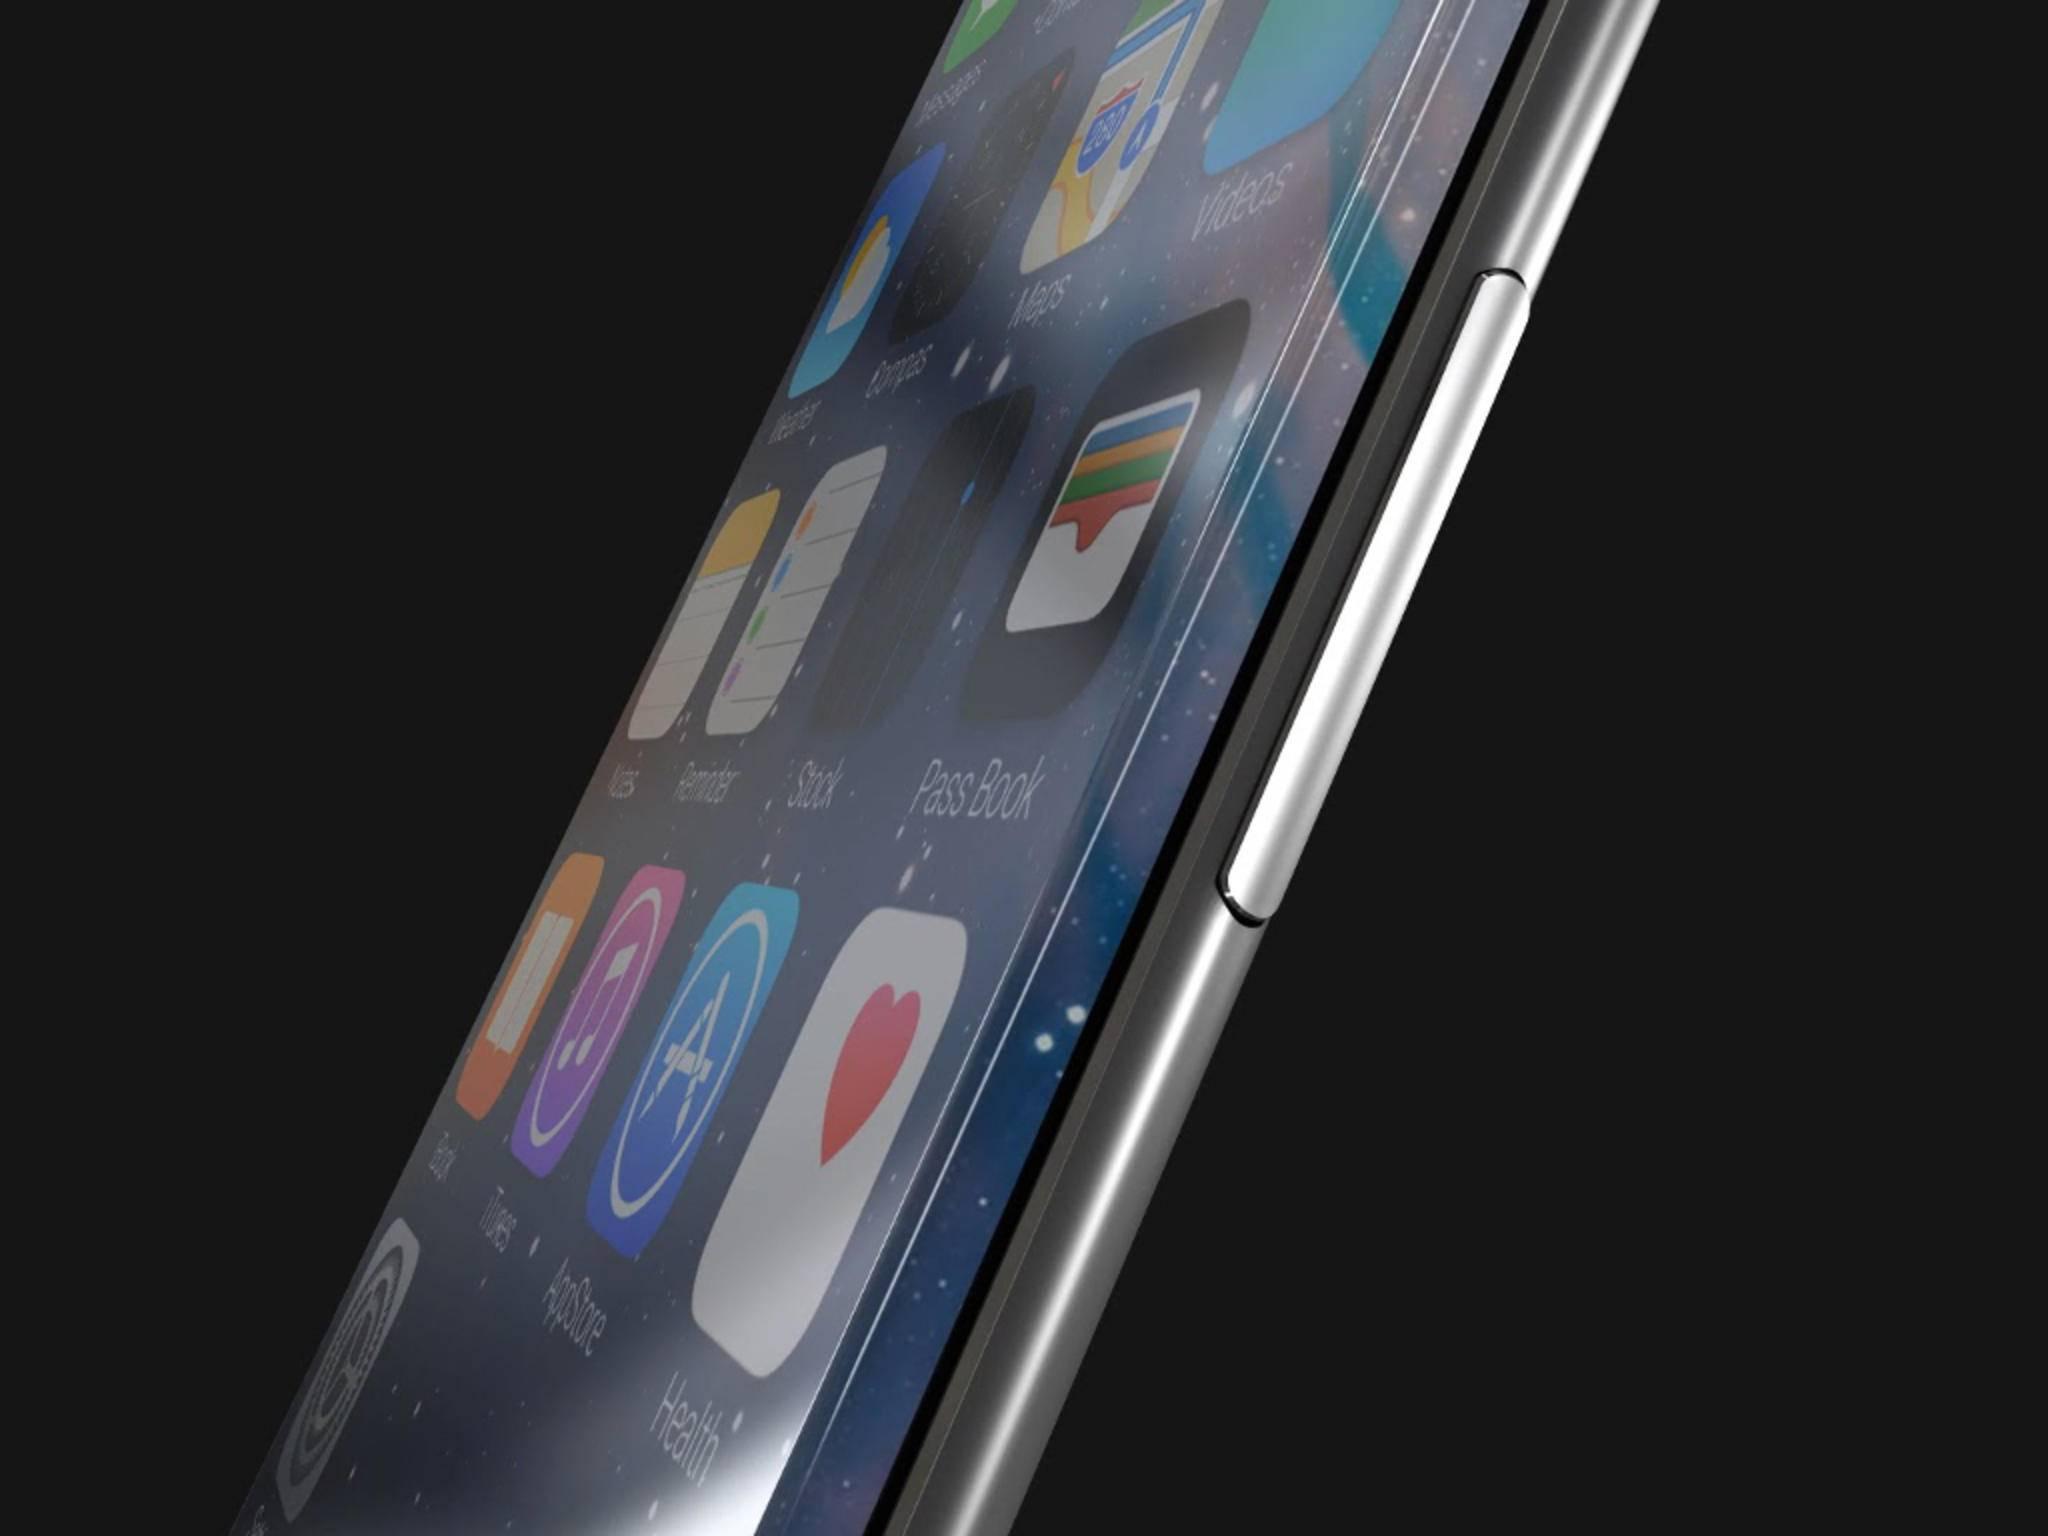 Trotz größerem Akku: So dünn könnte das iPhone 7 werden.